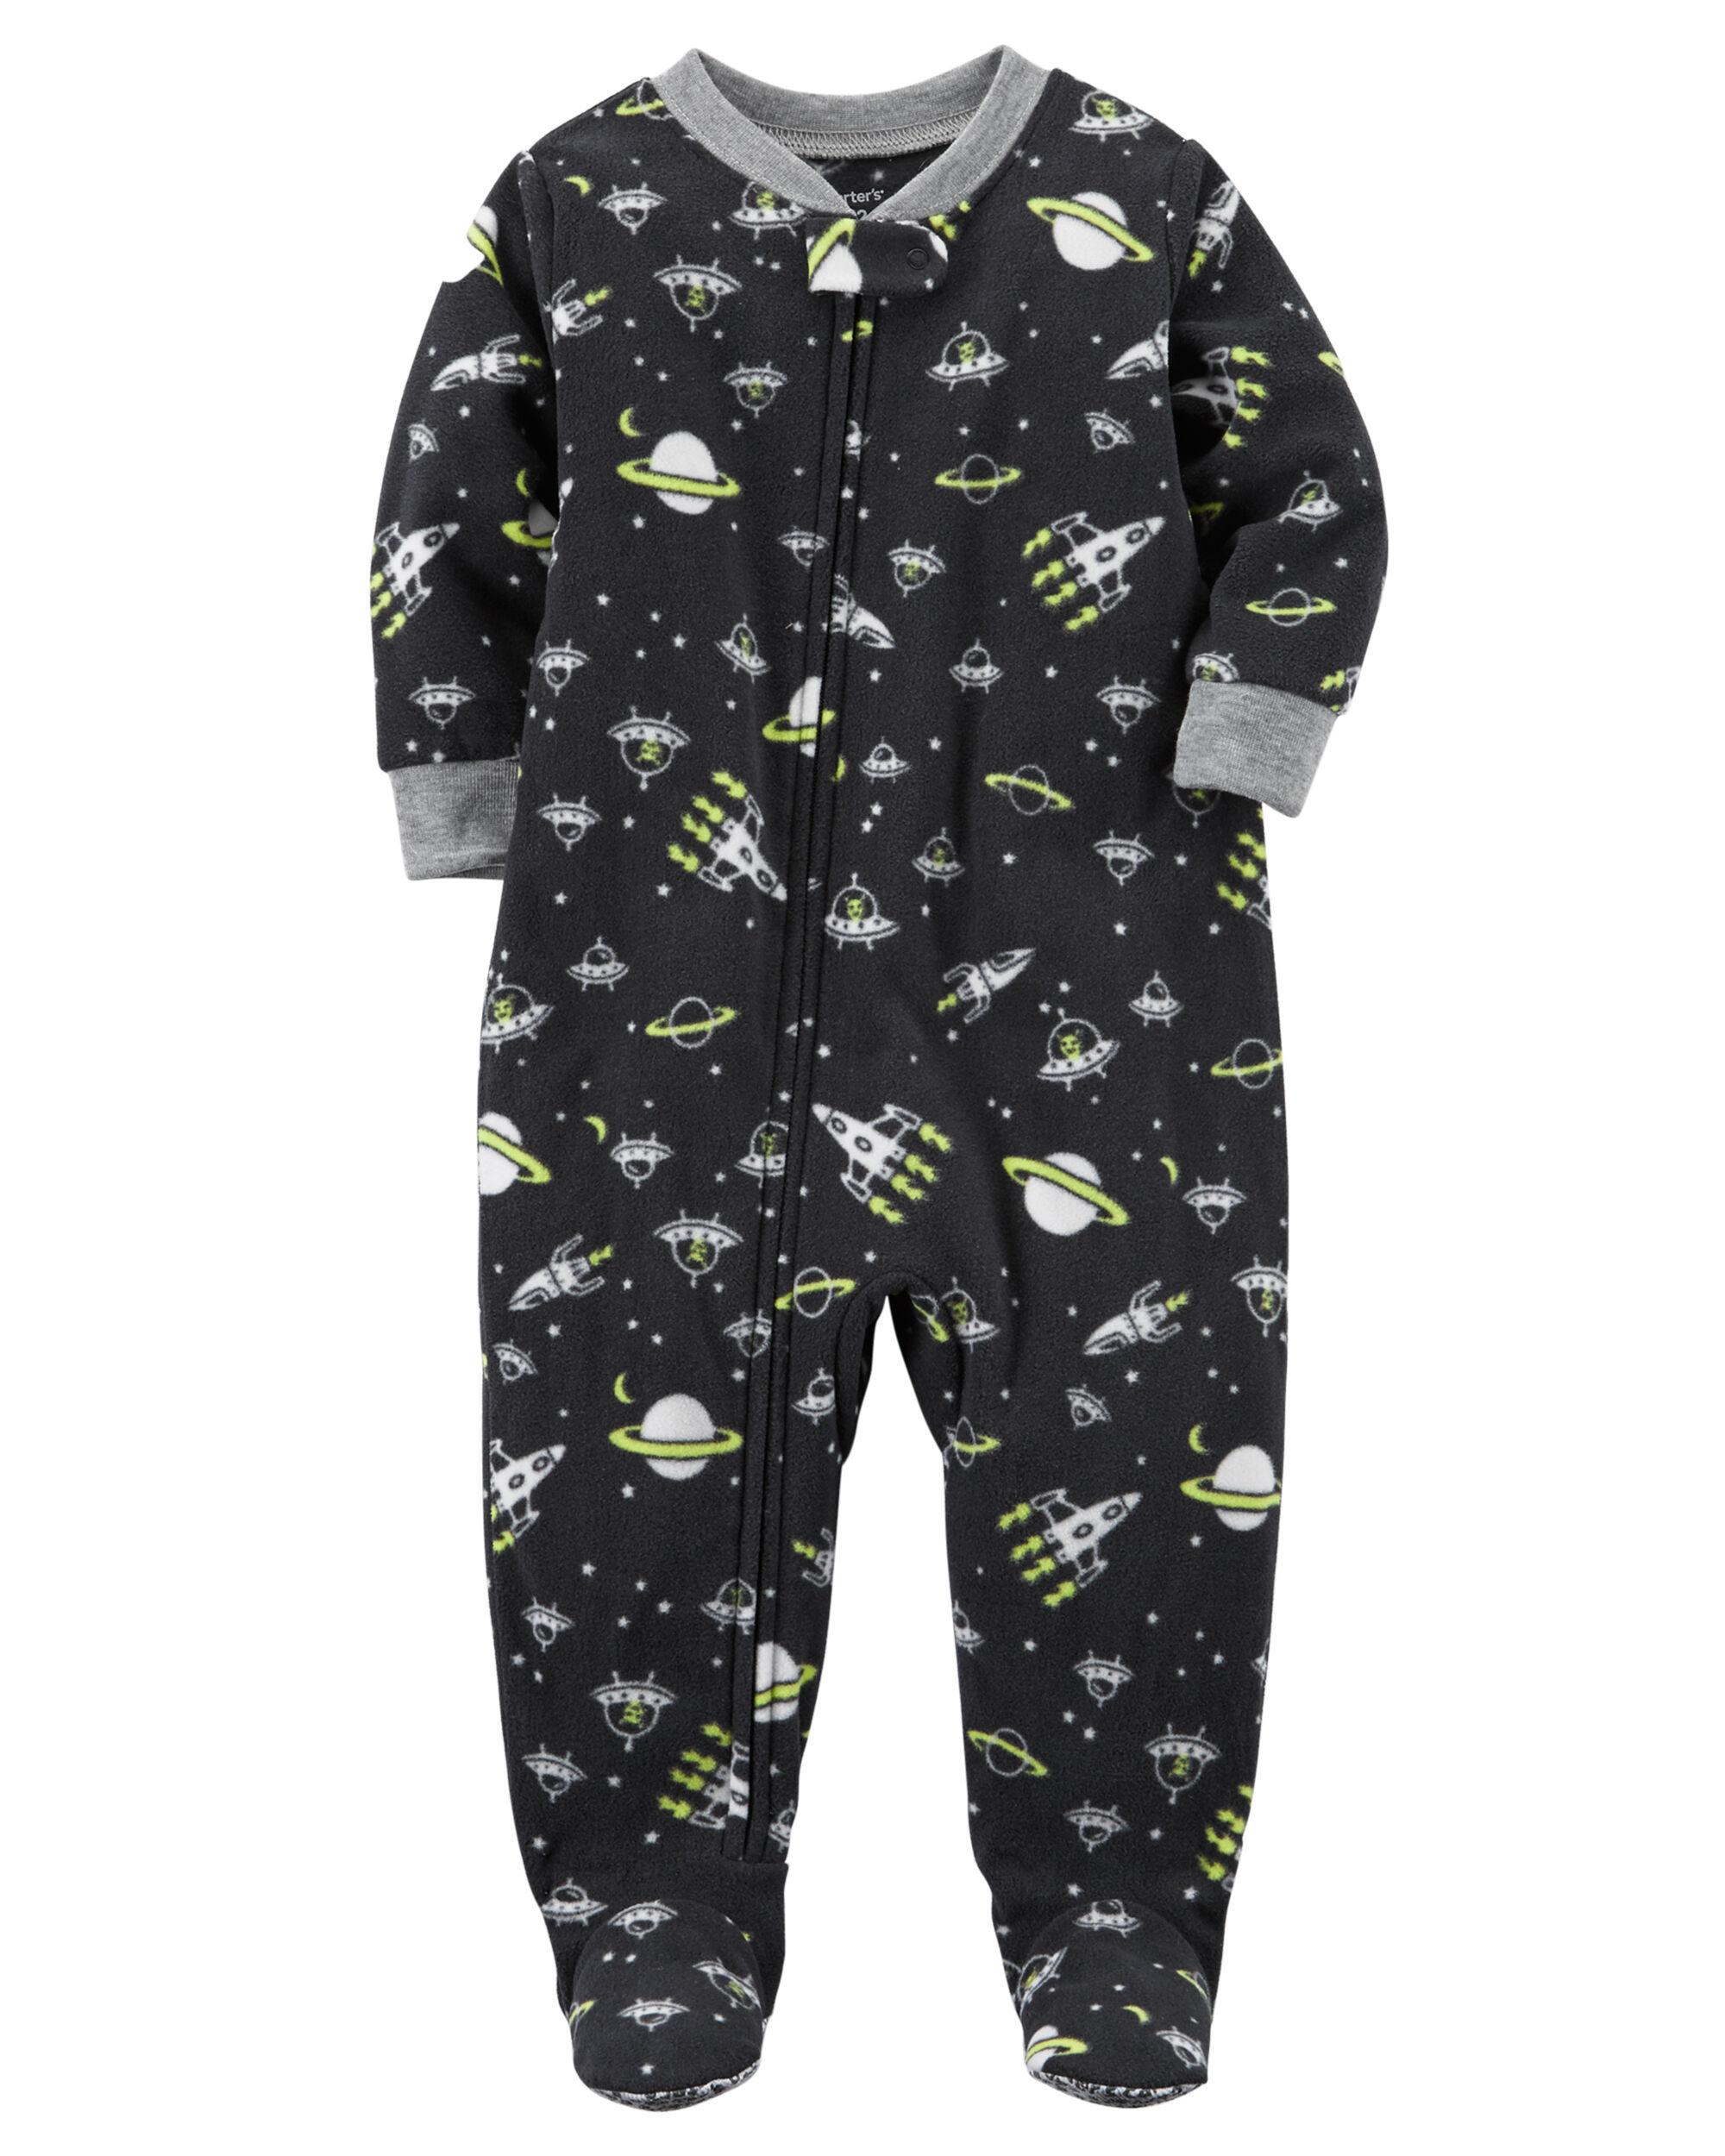 Carters Boys 12M-10 Space Fleece Pajamas Black 3T